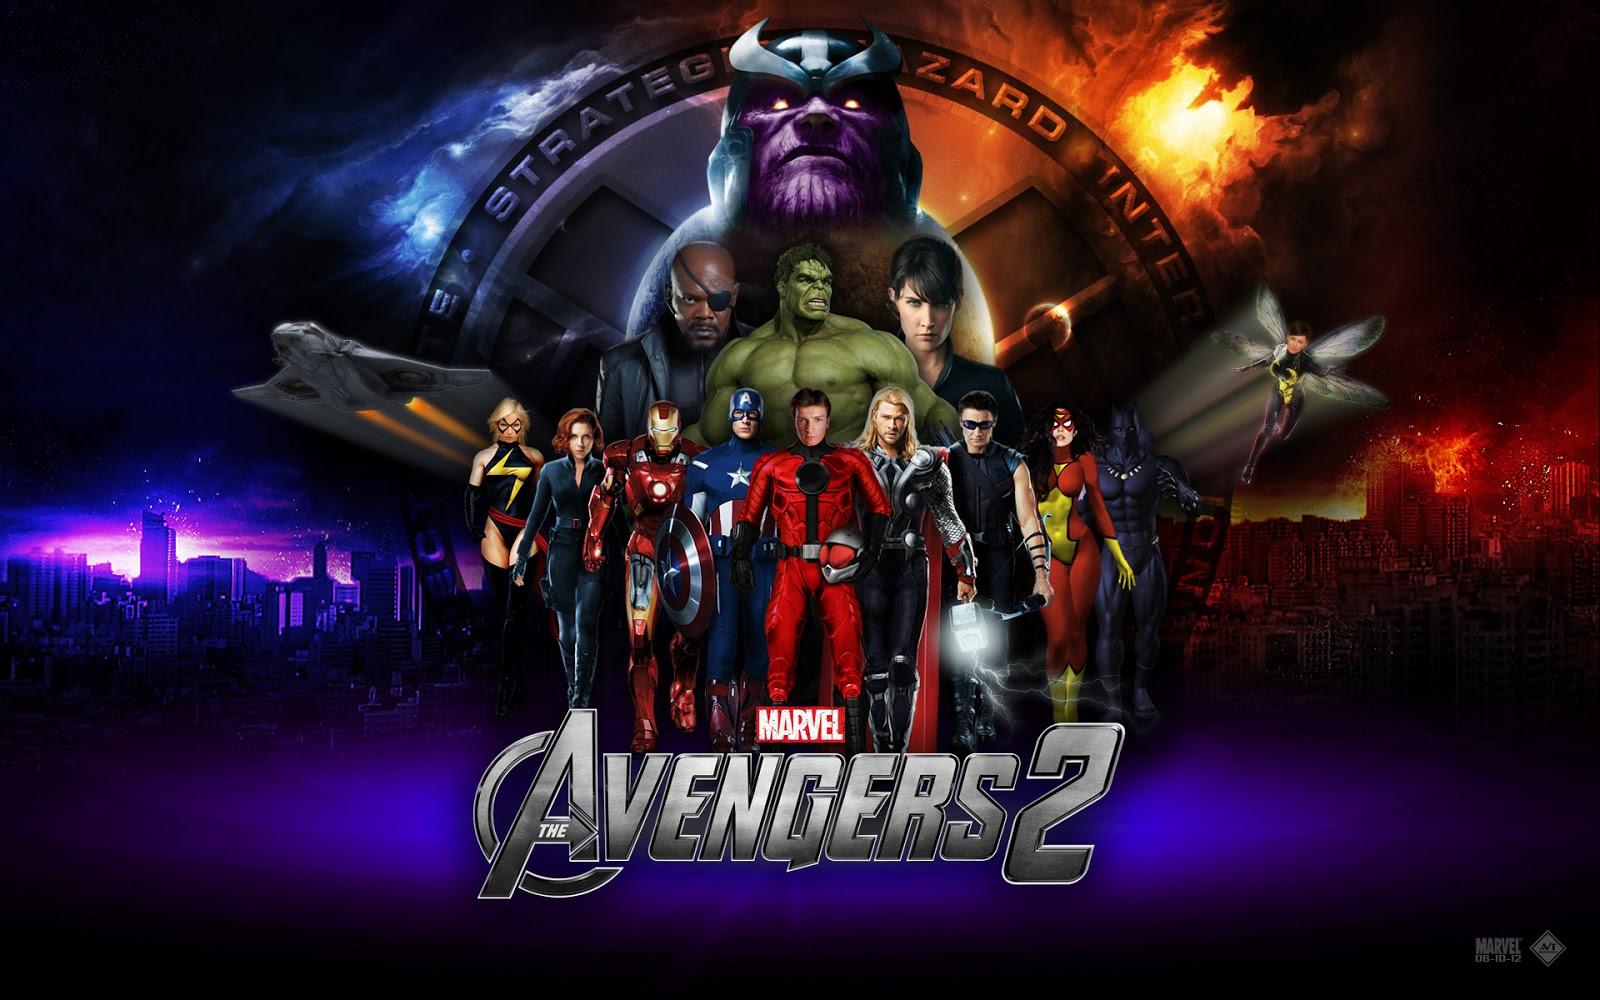 Cinema, Filme, Vingadores, Os Vingadores